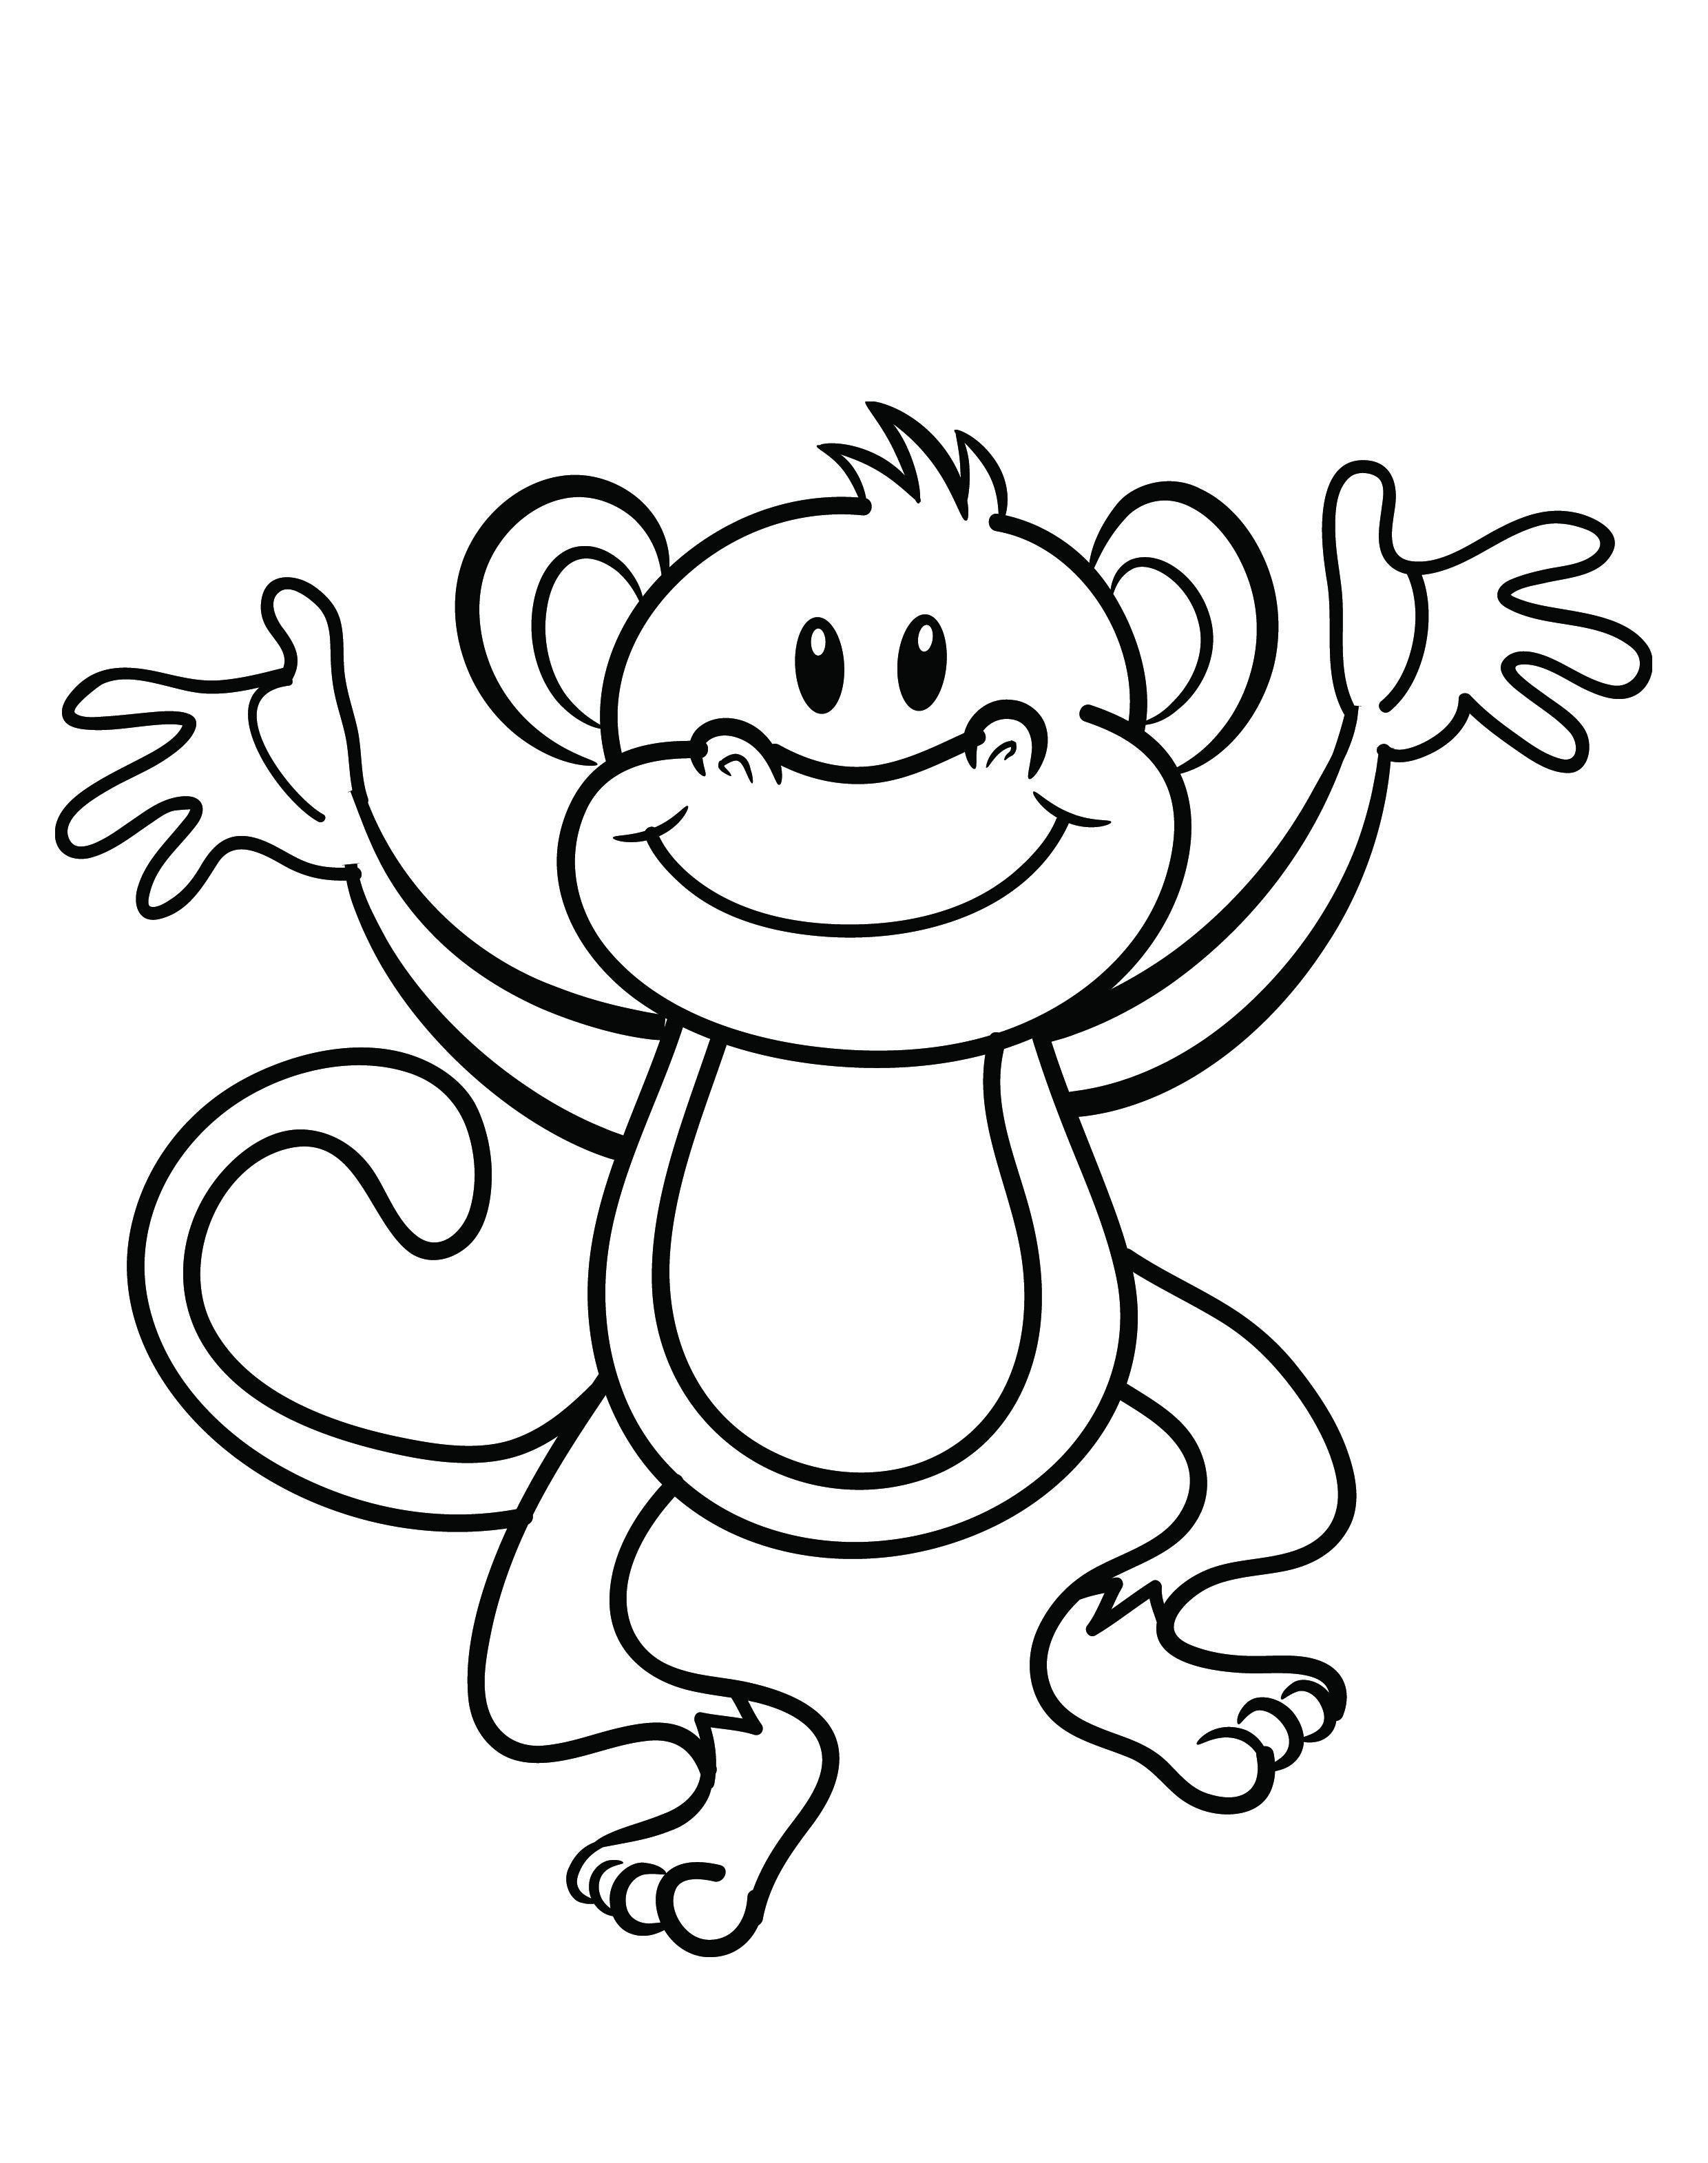 Free Printable Monkey Coloring Page   Cj 1St Birthday   Pinterest - Free Printable Monkey Coloring Pages